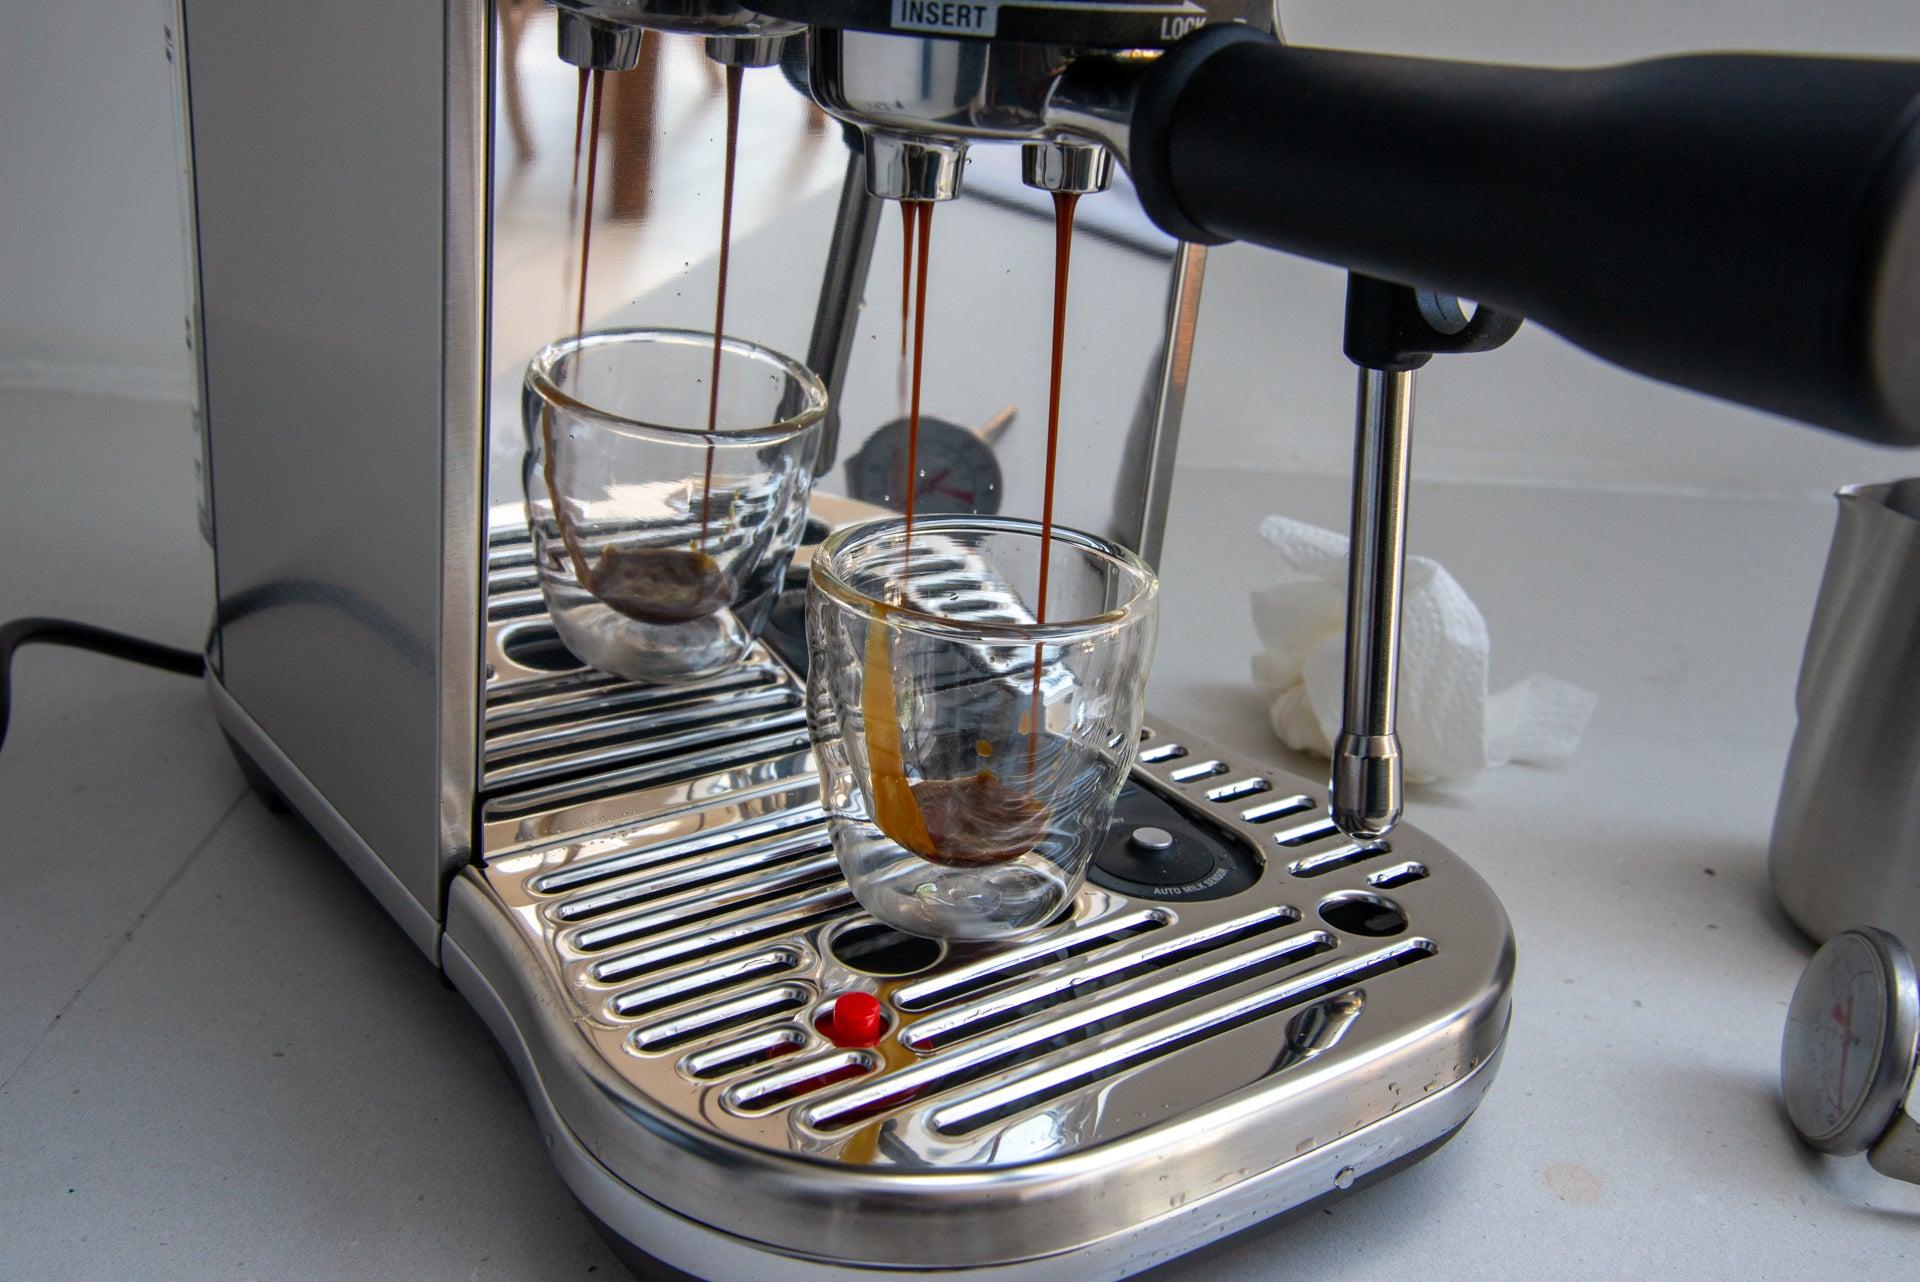 Bästa kaffemaskin 2021: Espresso, bönor till kopp, filter och pod